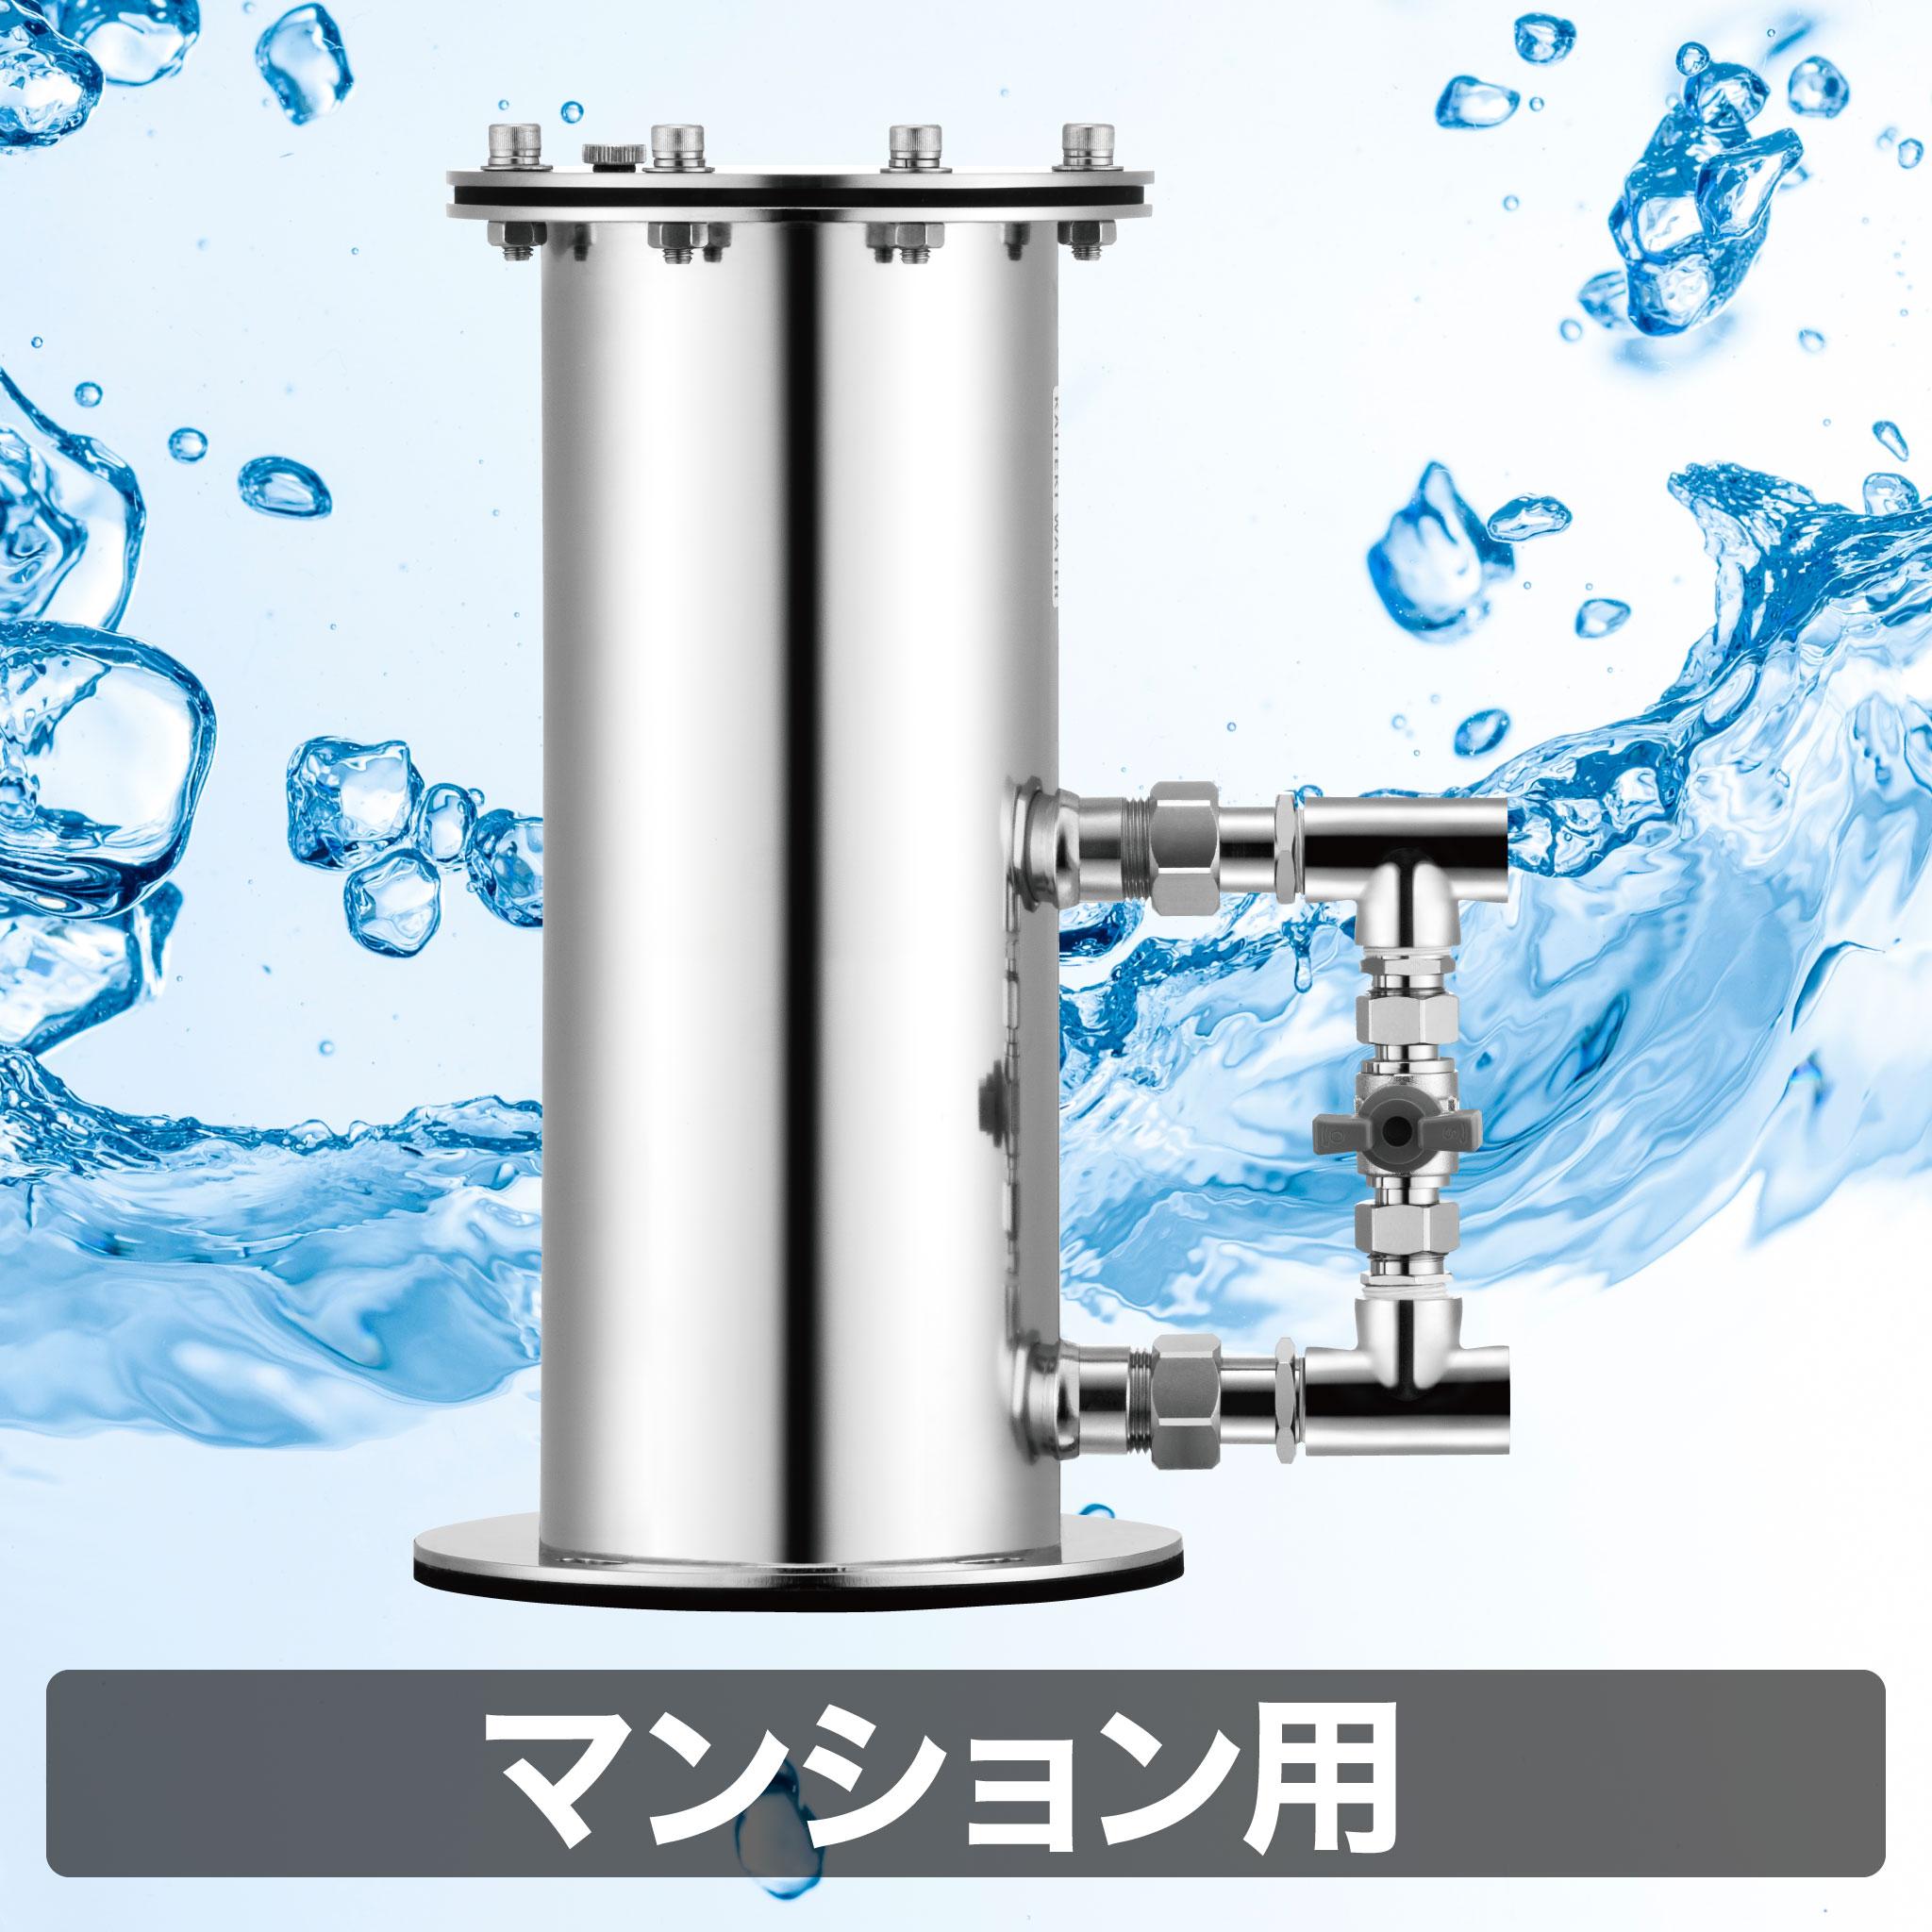 ヒカリックス SH-2000 - Máy lọc nước Hikarix SH-2000